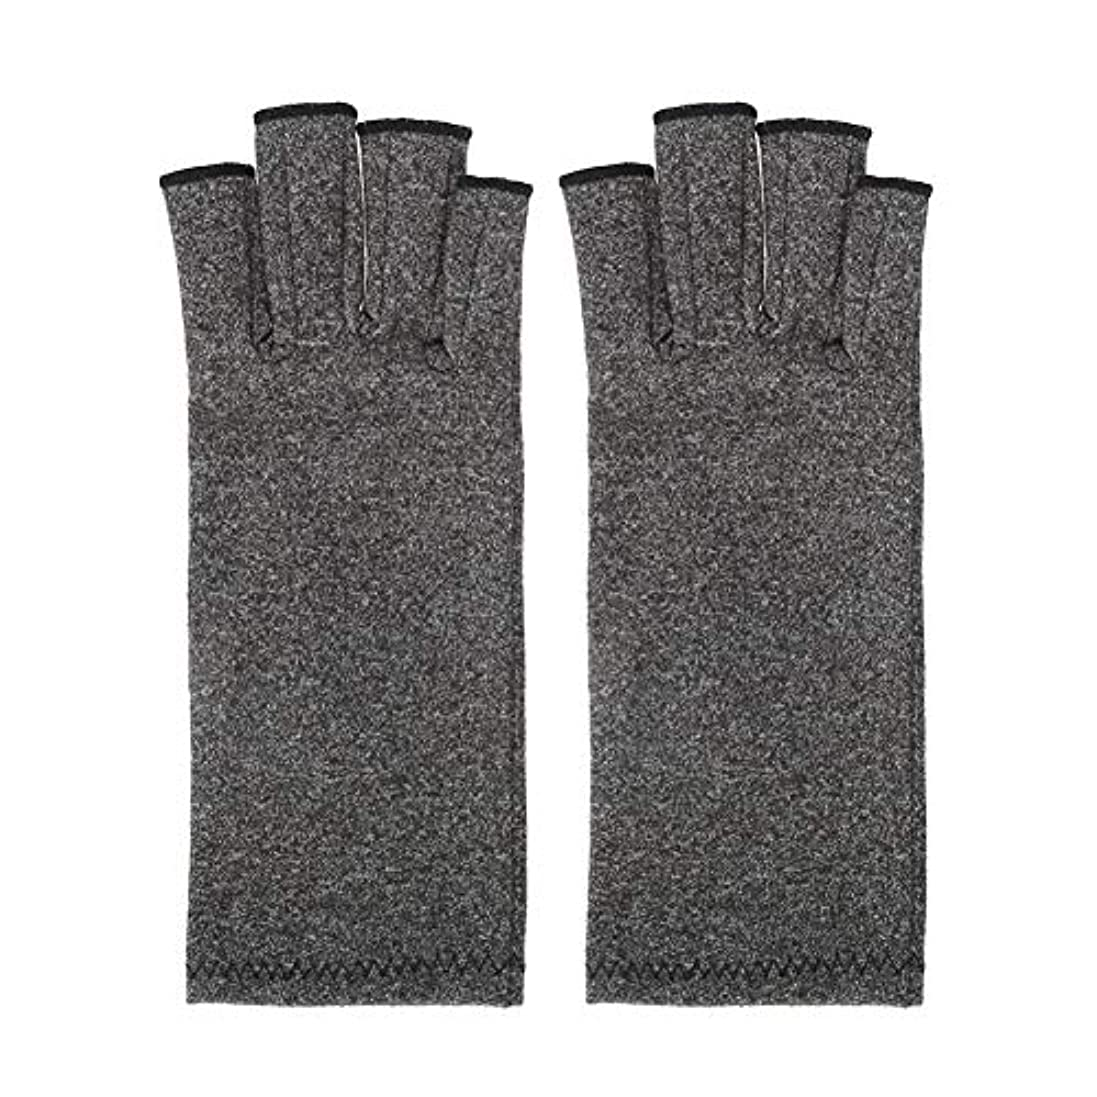 ガイドライン着陸清める抗関節炎手袋抗関節炎ヘルスケアリハビリテーショントレーニング手袋圧縮療法リウマチ性疼痛